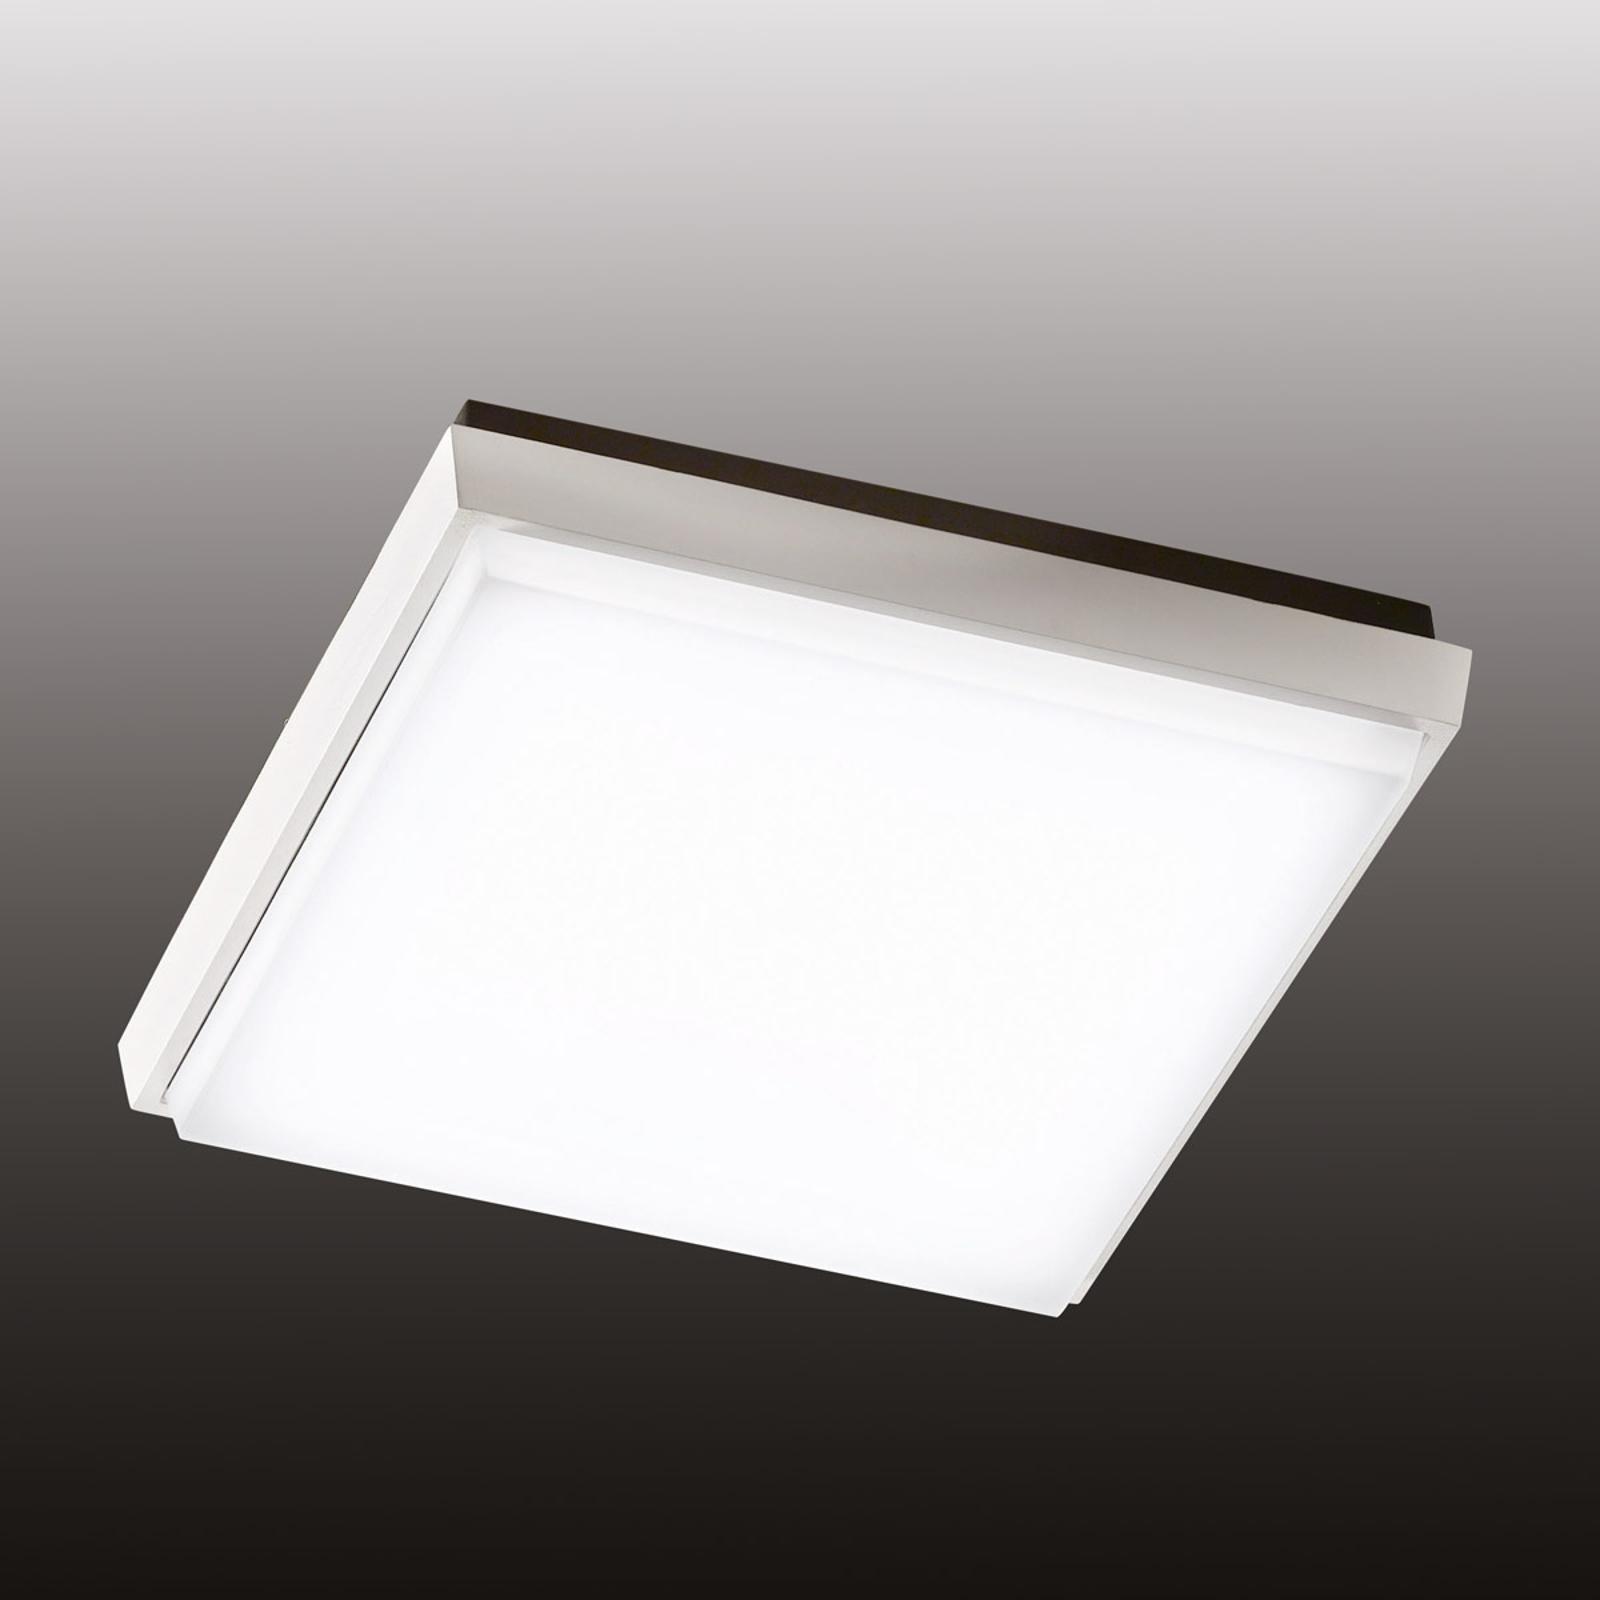 Kvadratisk LED-utomhustaklampa Desdy